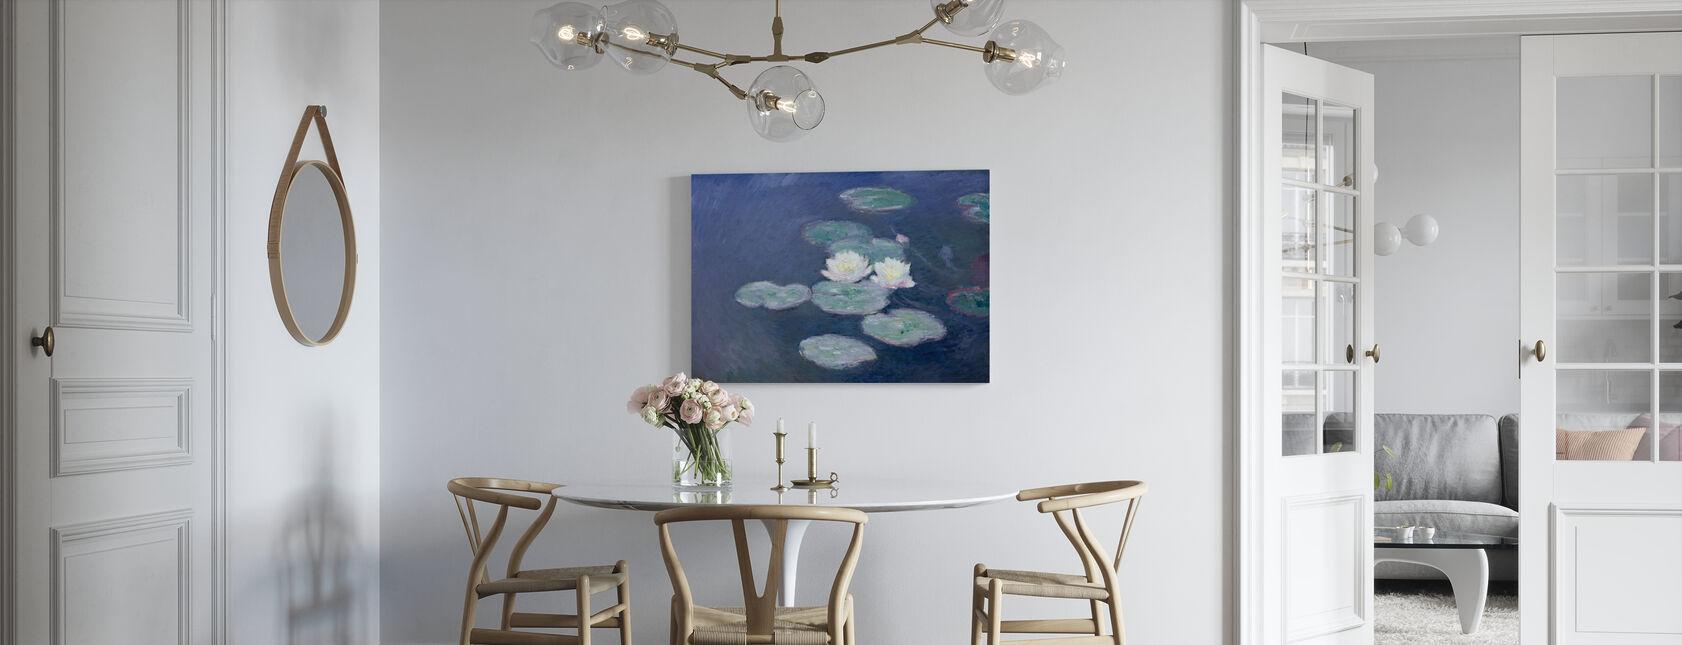 Waterlilies - Claude Monet - Canvas print - Kitchen